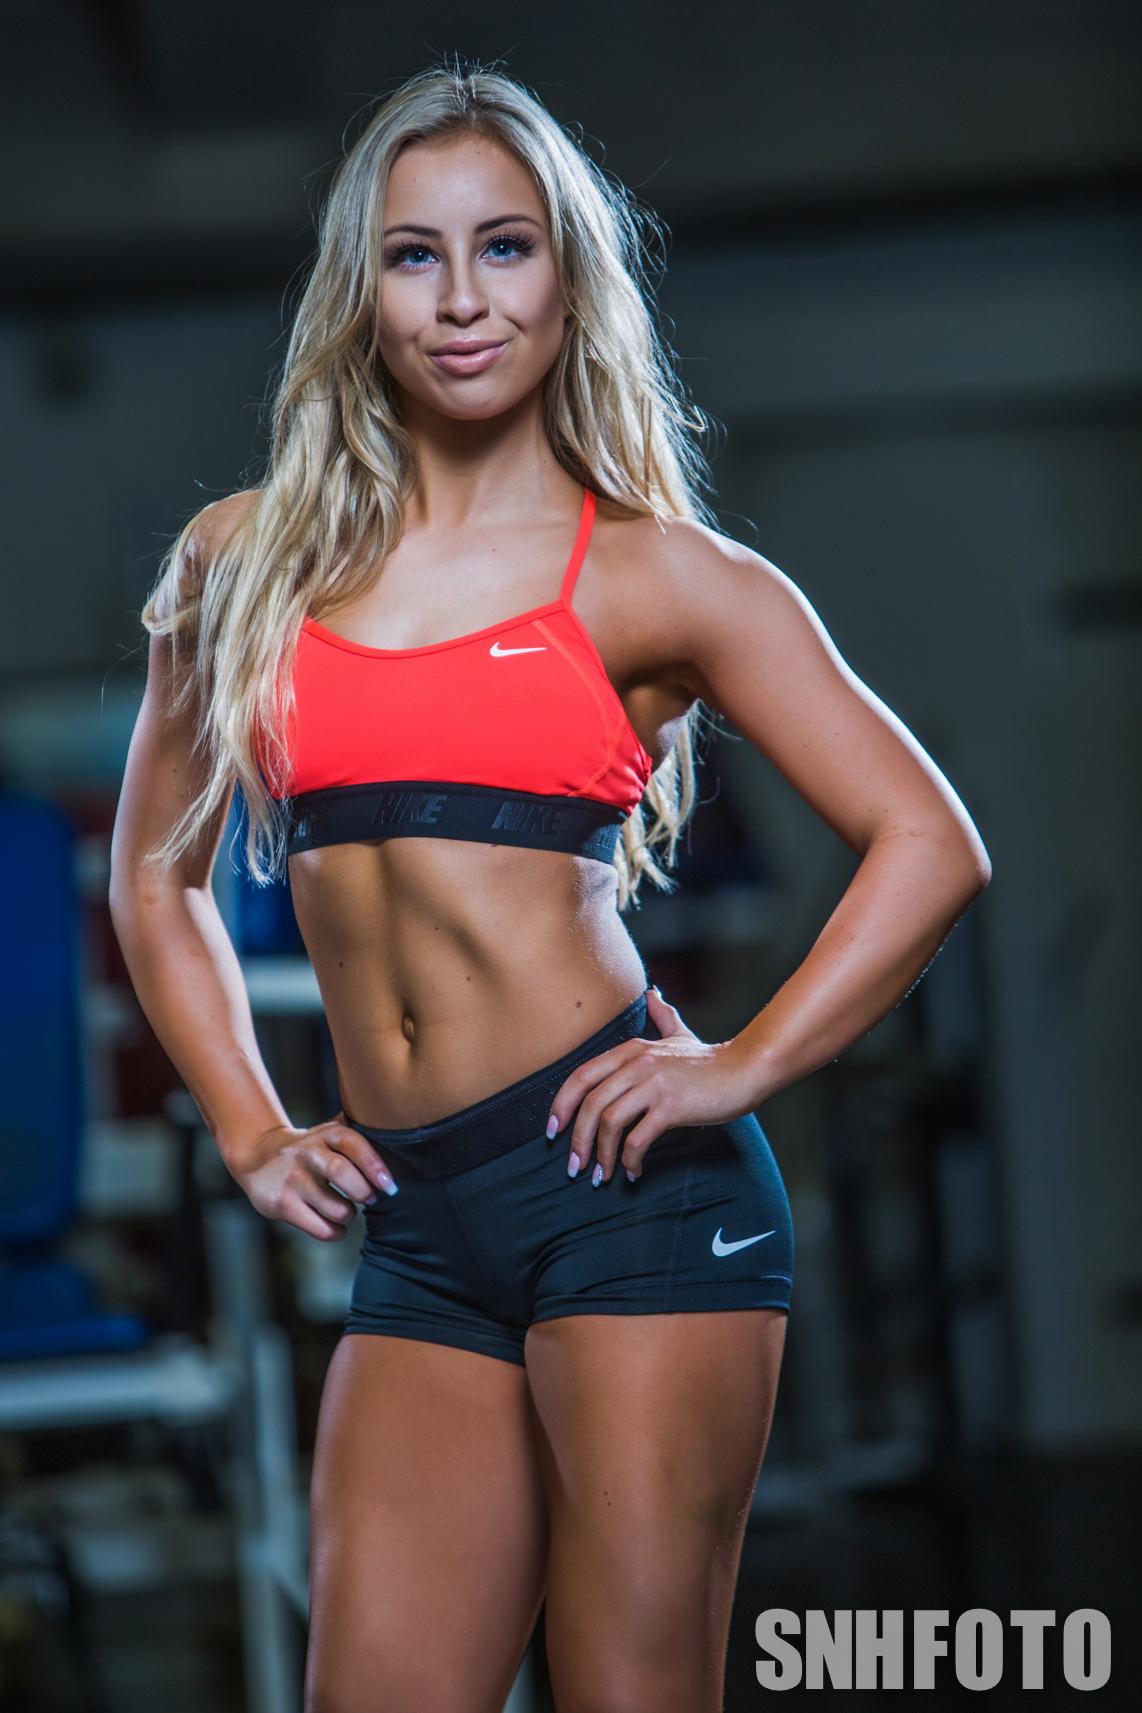 Hot female fitness stars